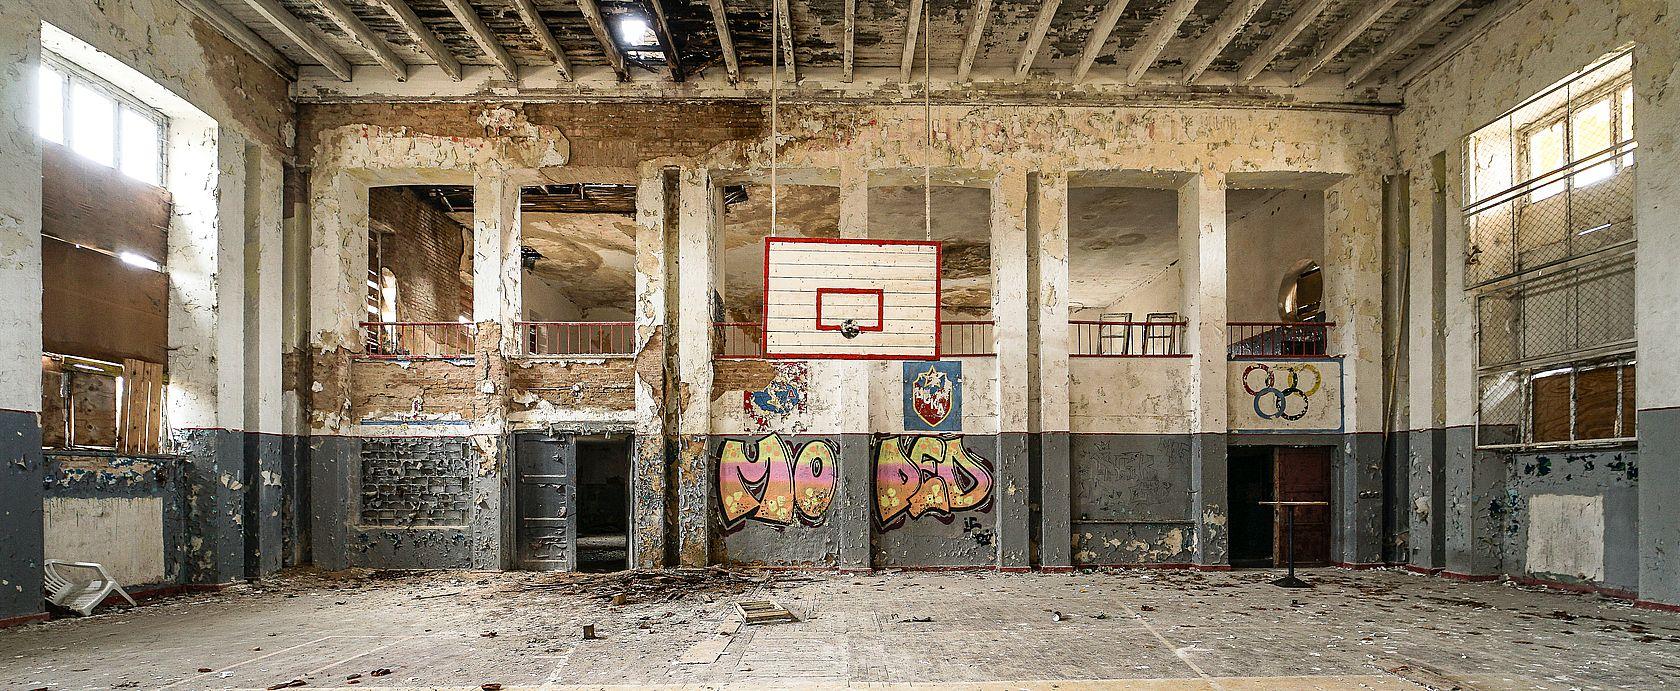 Die verlassene russische Turnhalle